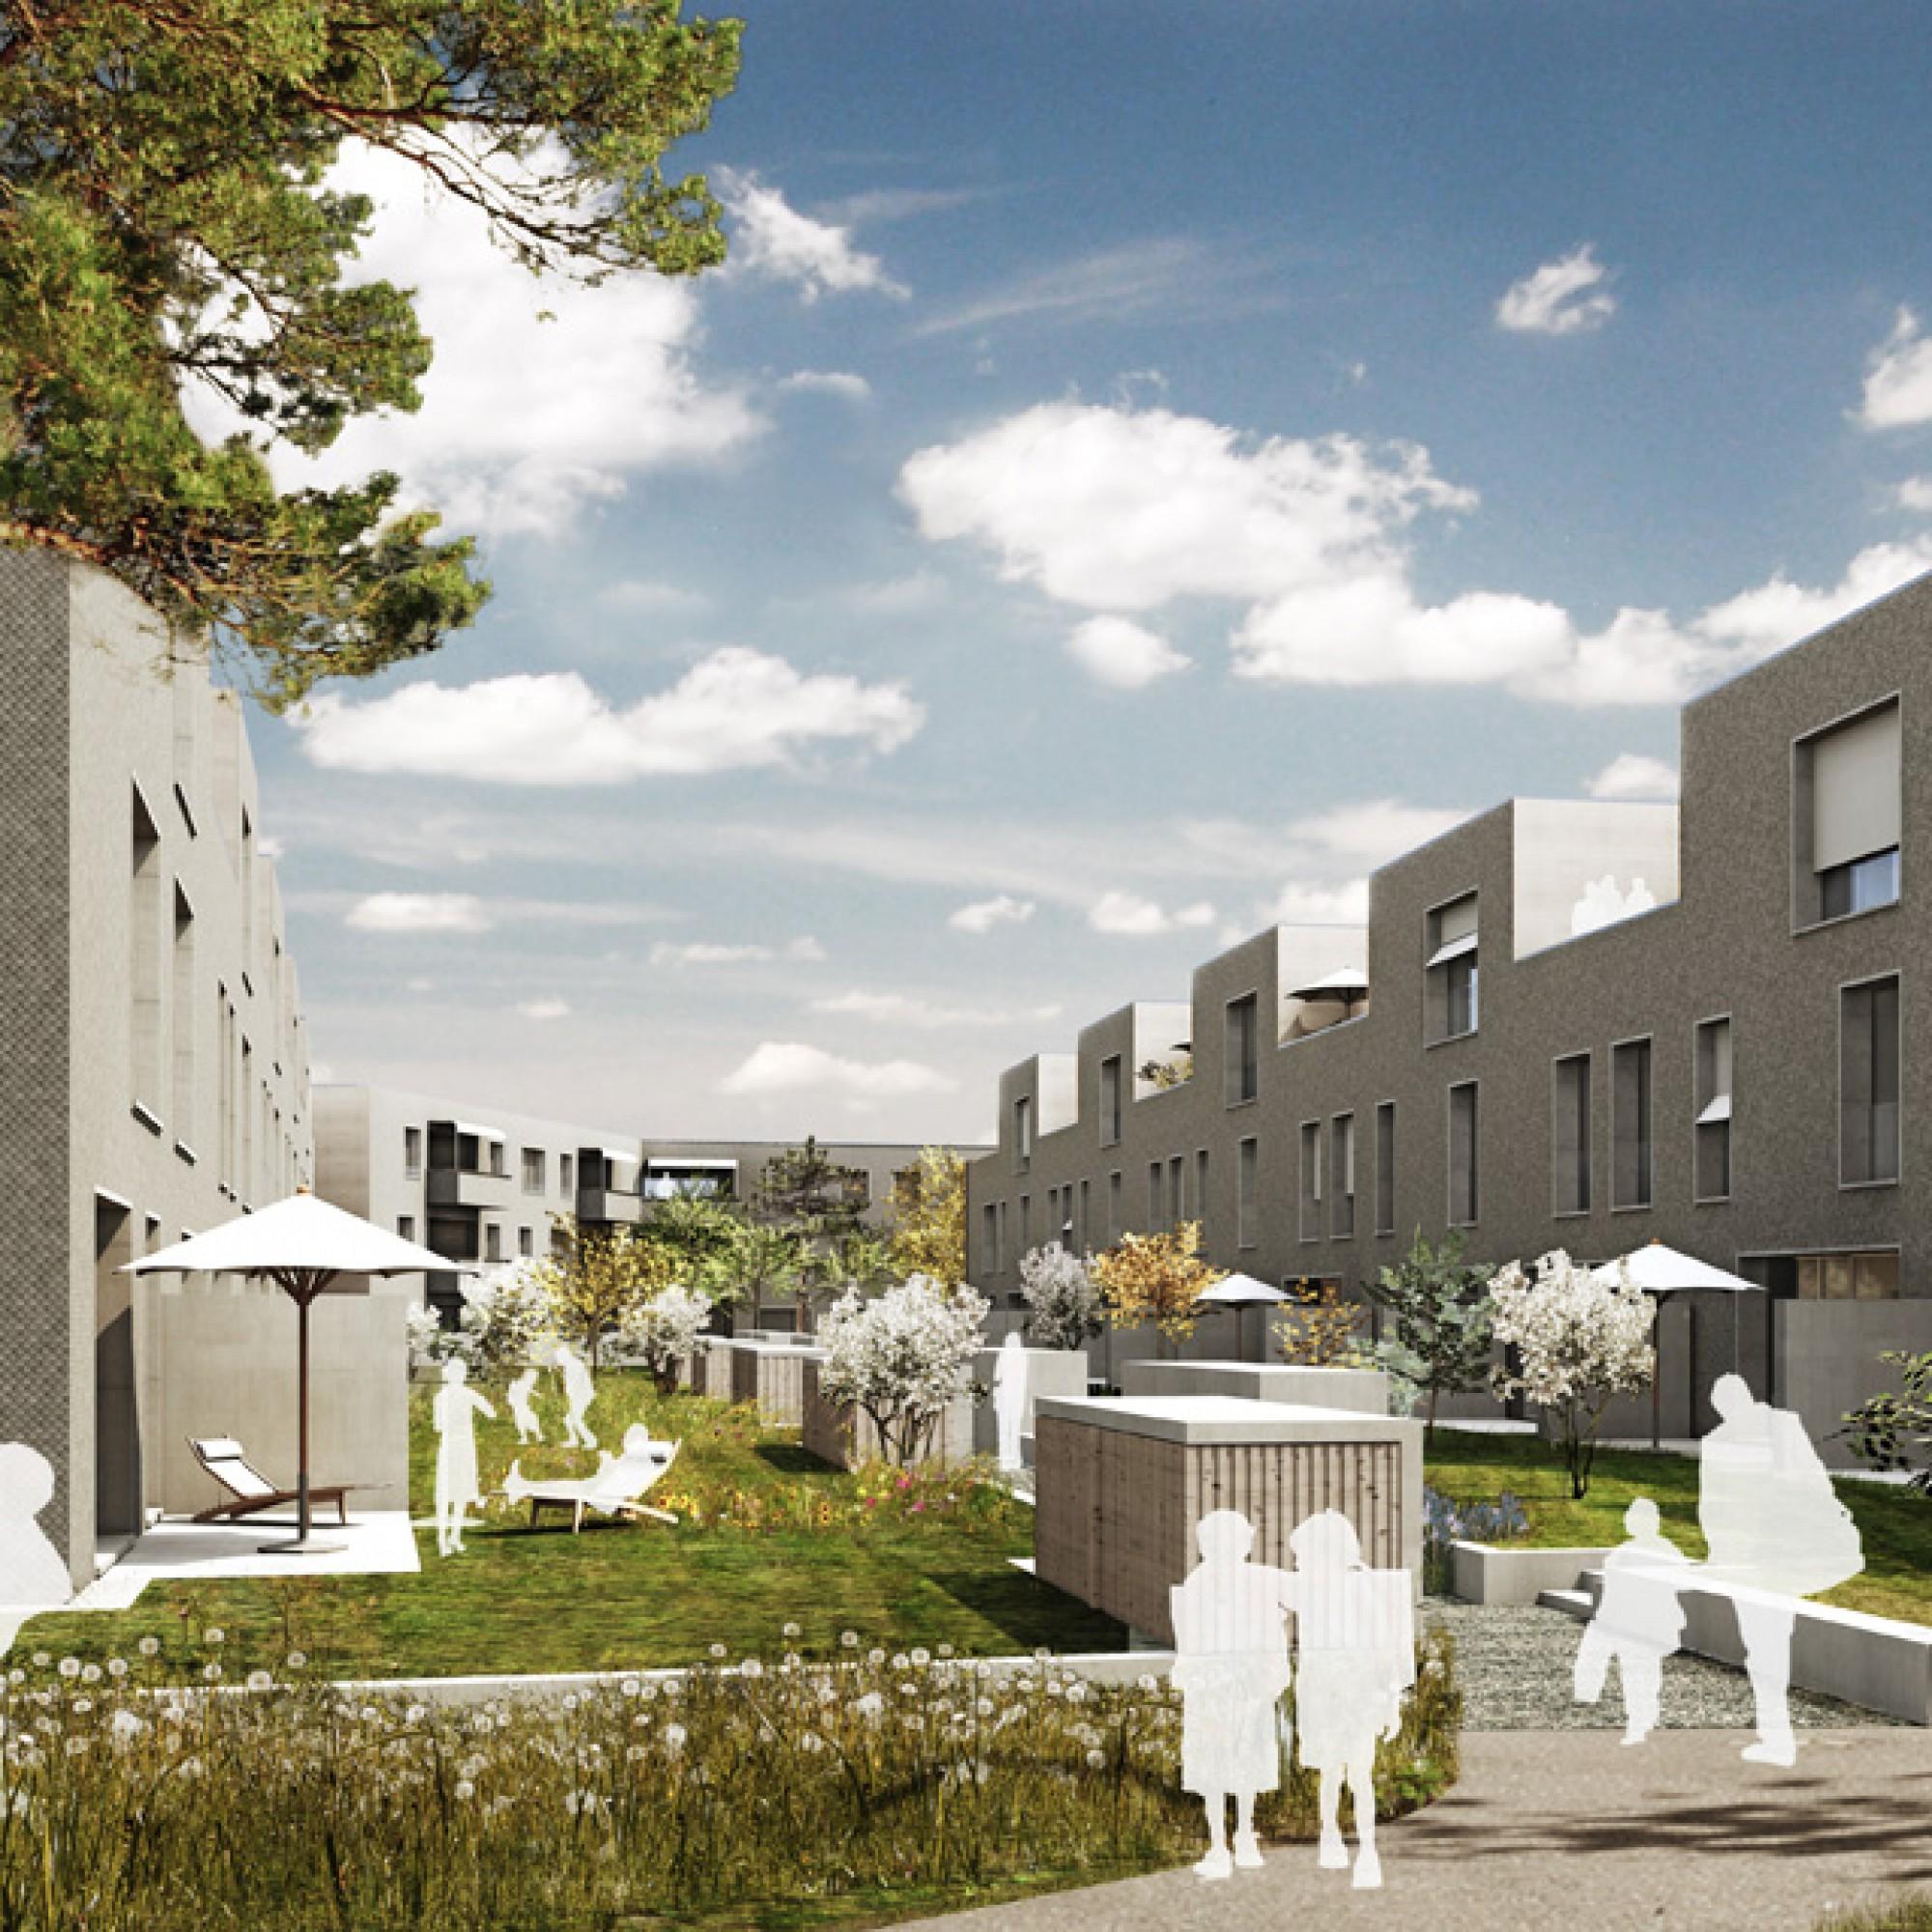 Auf dem Schorenareal werden nebst Mehrfamilienhäusern mit Eigentumswohnungen auch 43 Stadthäuser gebaut. (Bild: zvg)